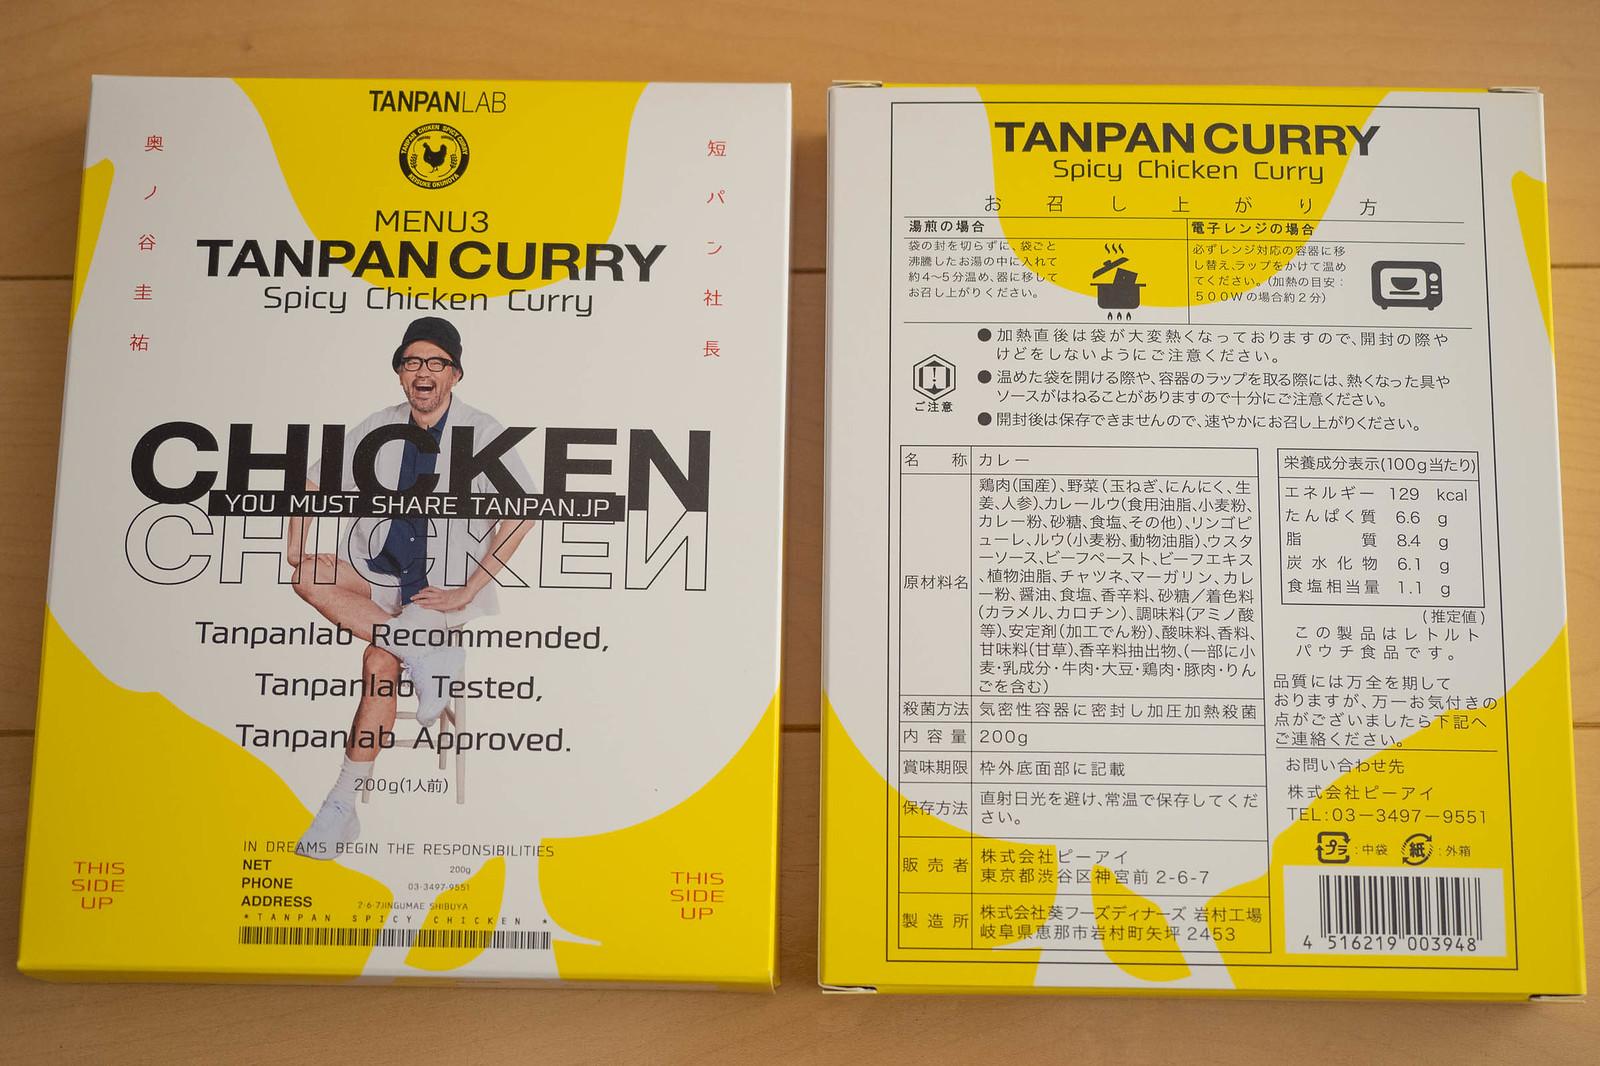 tanpan_curry-3